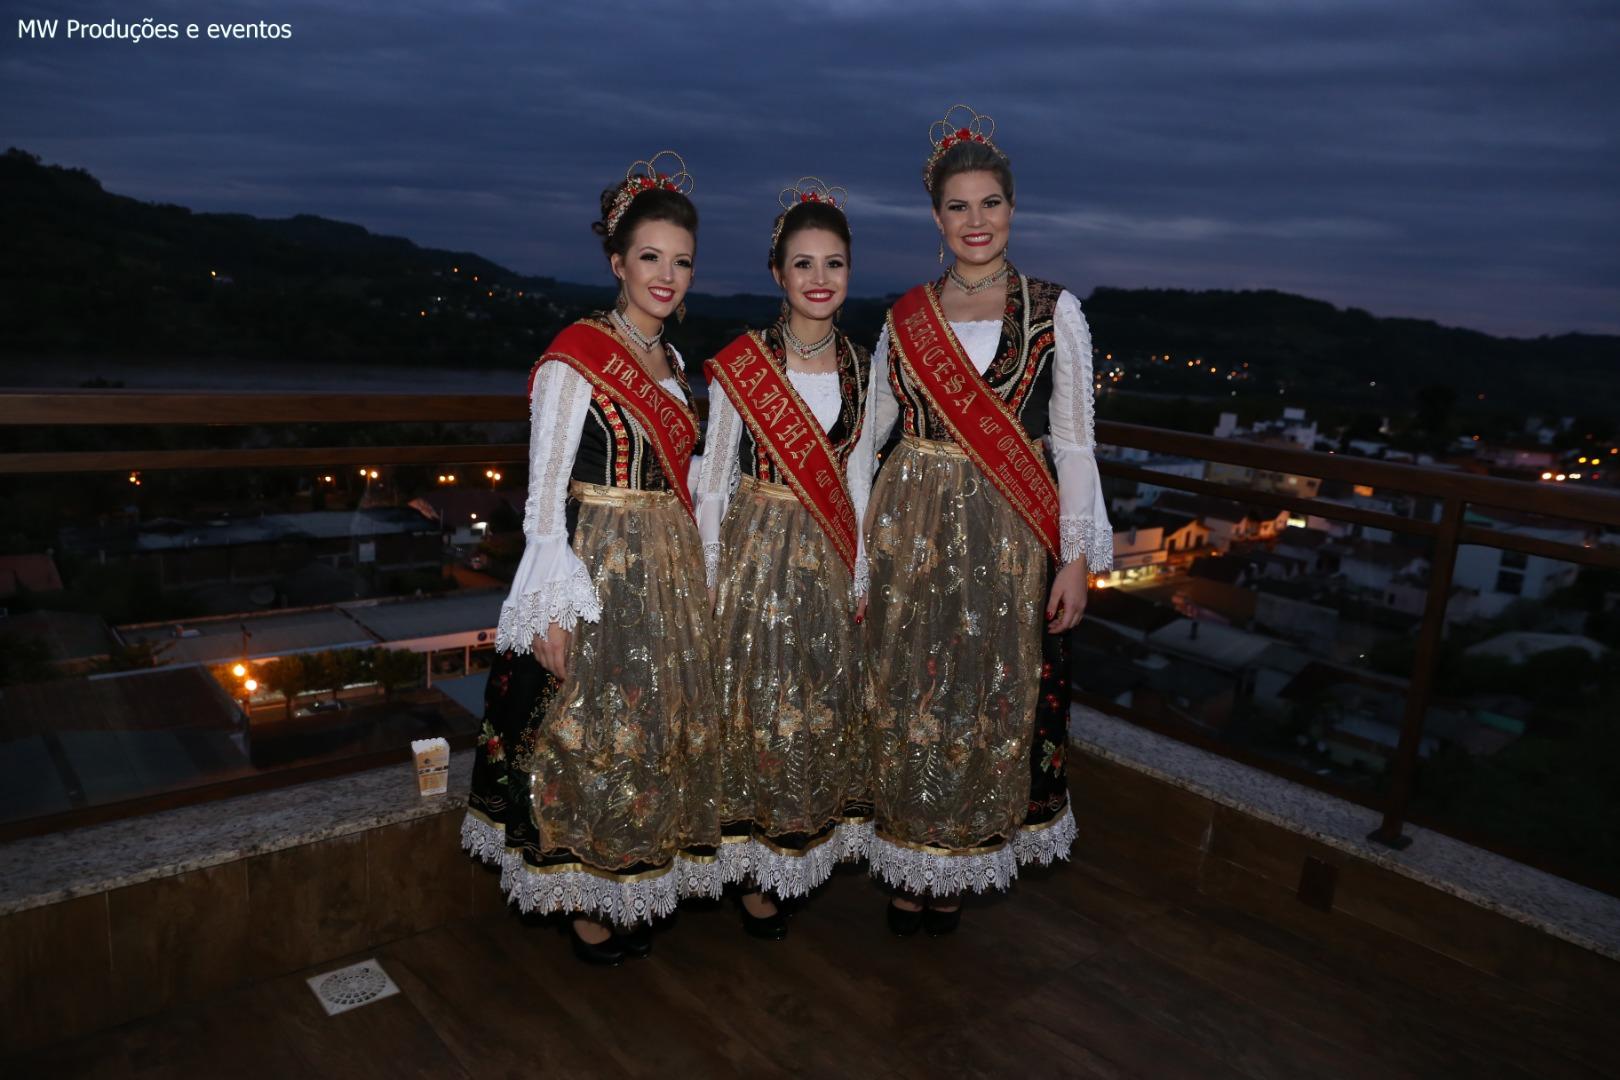 Vídeo – Inauguração do Edifício Peperi em Itapiranga